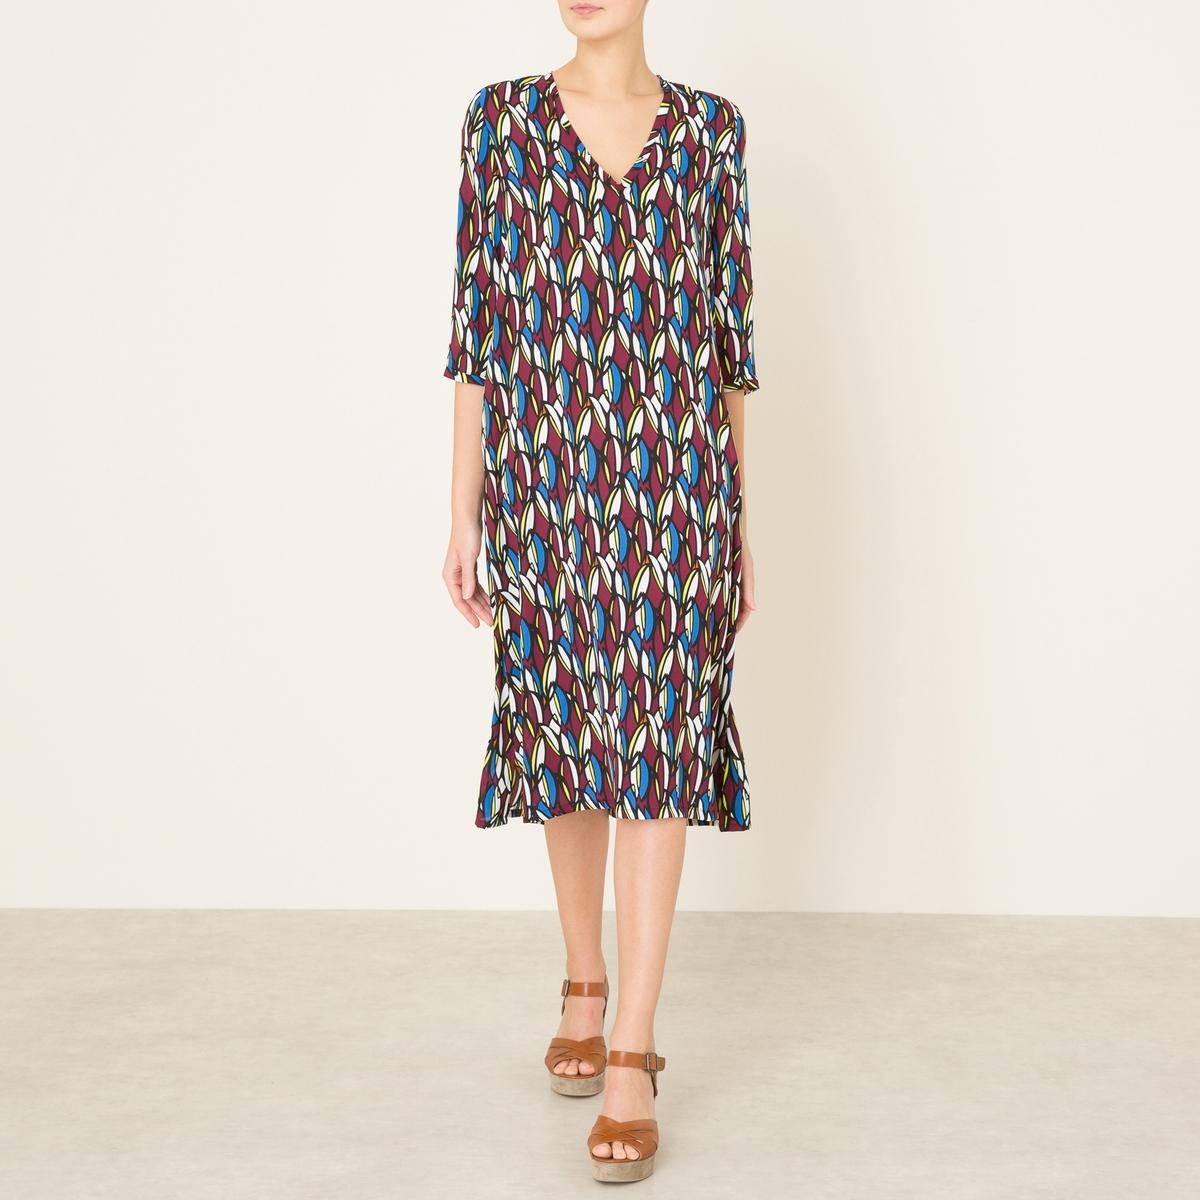 Платье SODAСостав и описание    Материал : 100% полиэстер   Длина : ок.115 см. для размера 36    Марка : TOUPY<br><br>Цвет: разноцветный